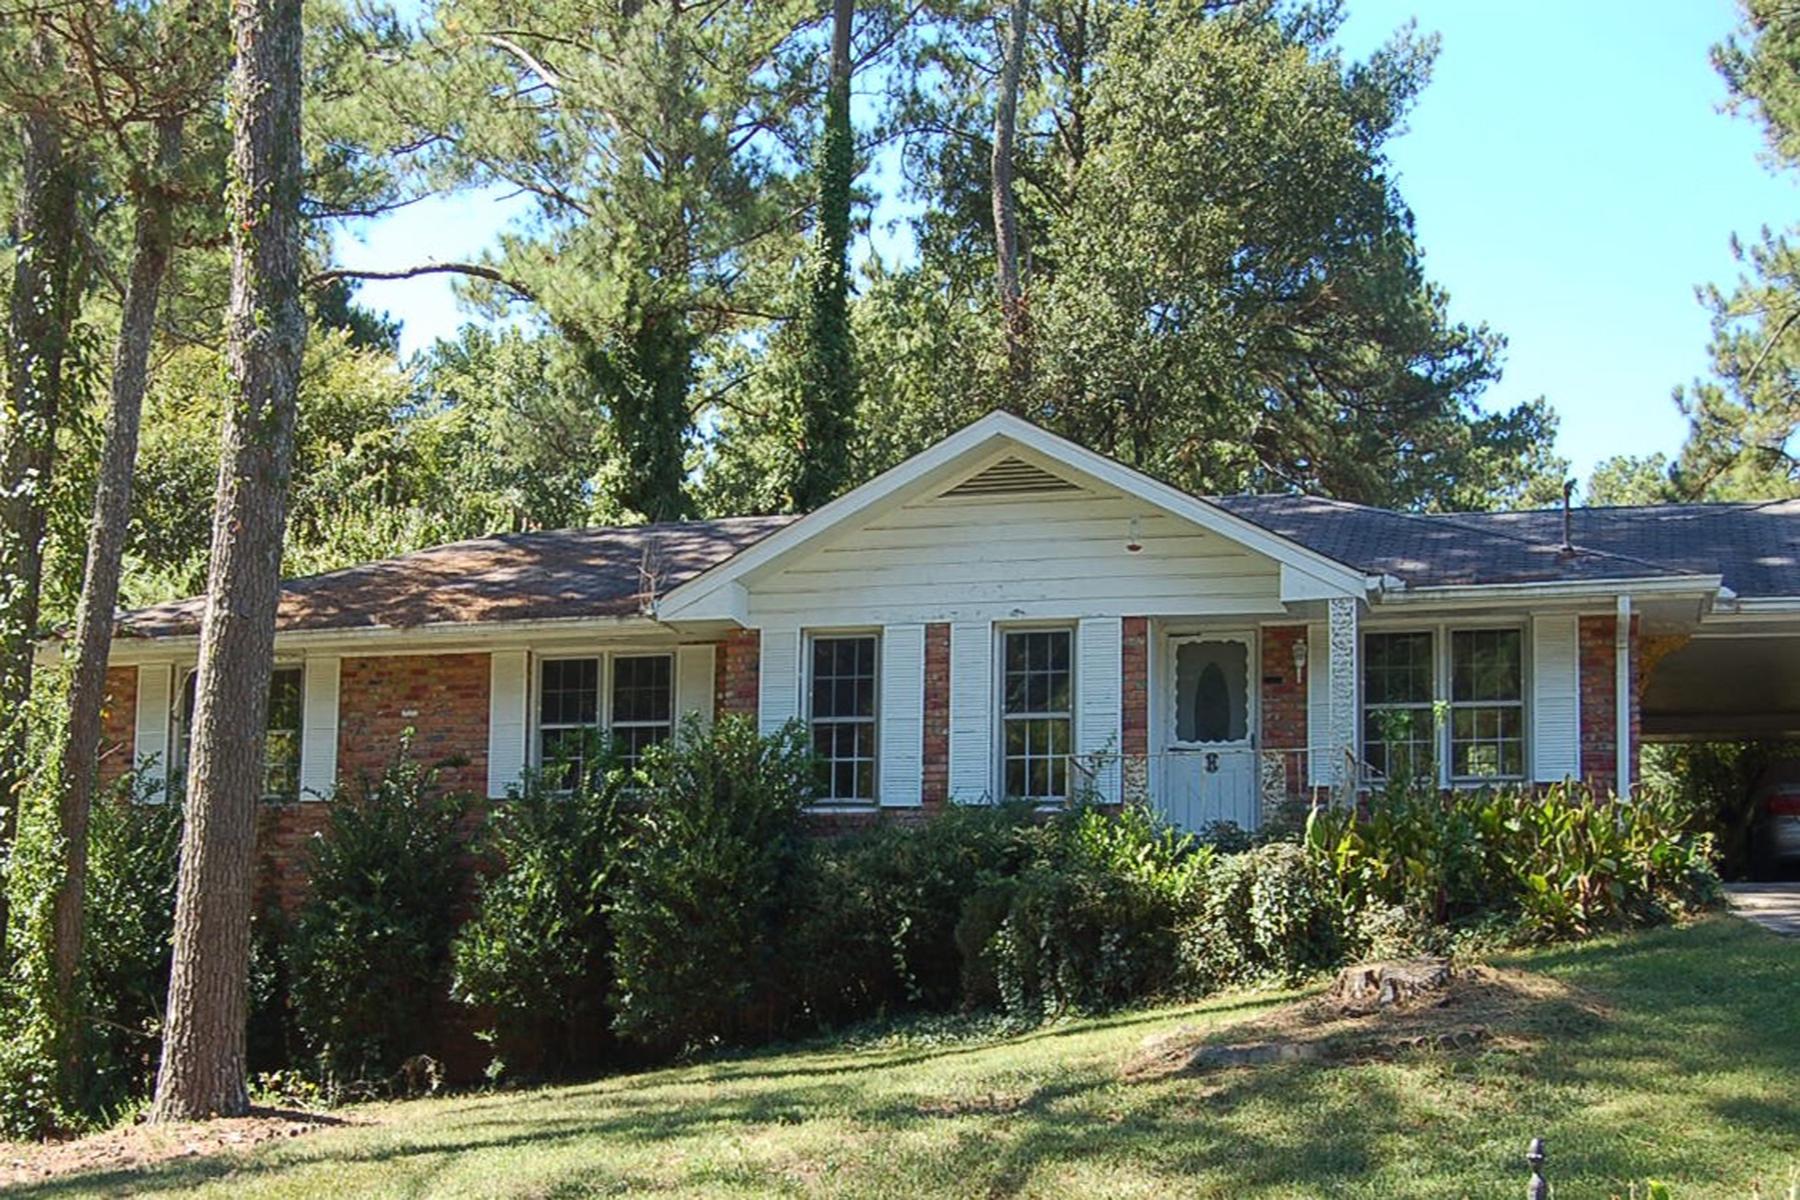 Casa Unifamiliar por un Venta en Lakeside High As-is Fixer Upper 3060 Margavera Terrace Chamblee, Georgia, 30341 Estados Unidos